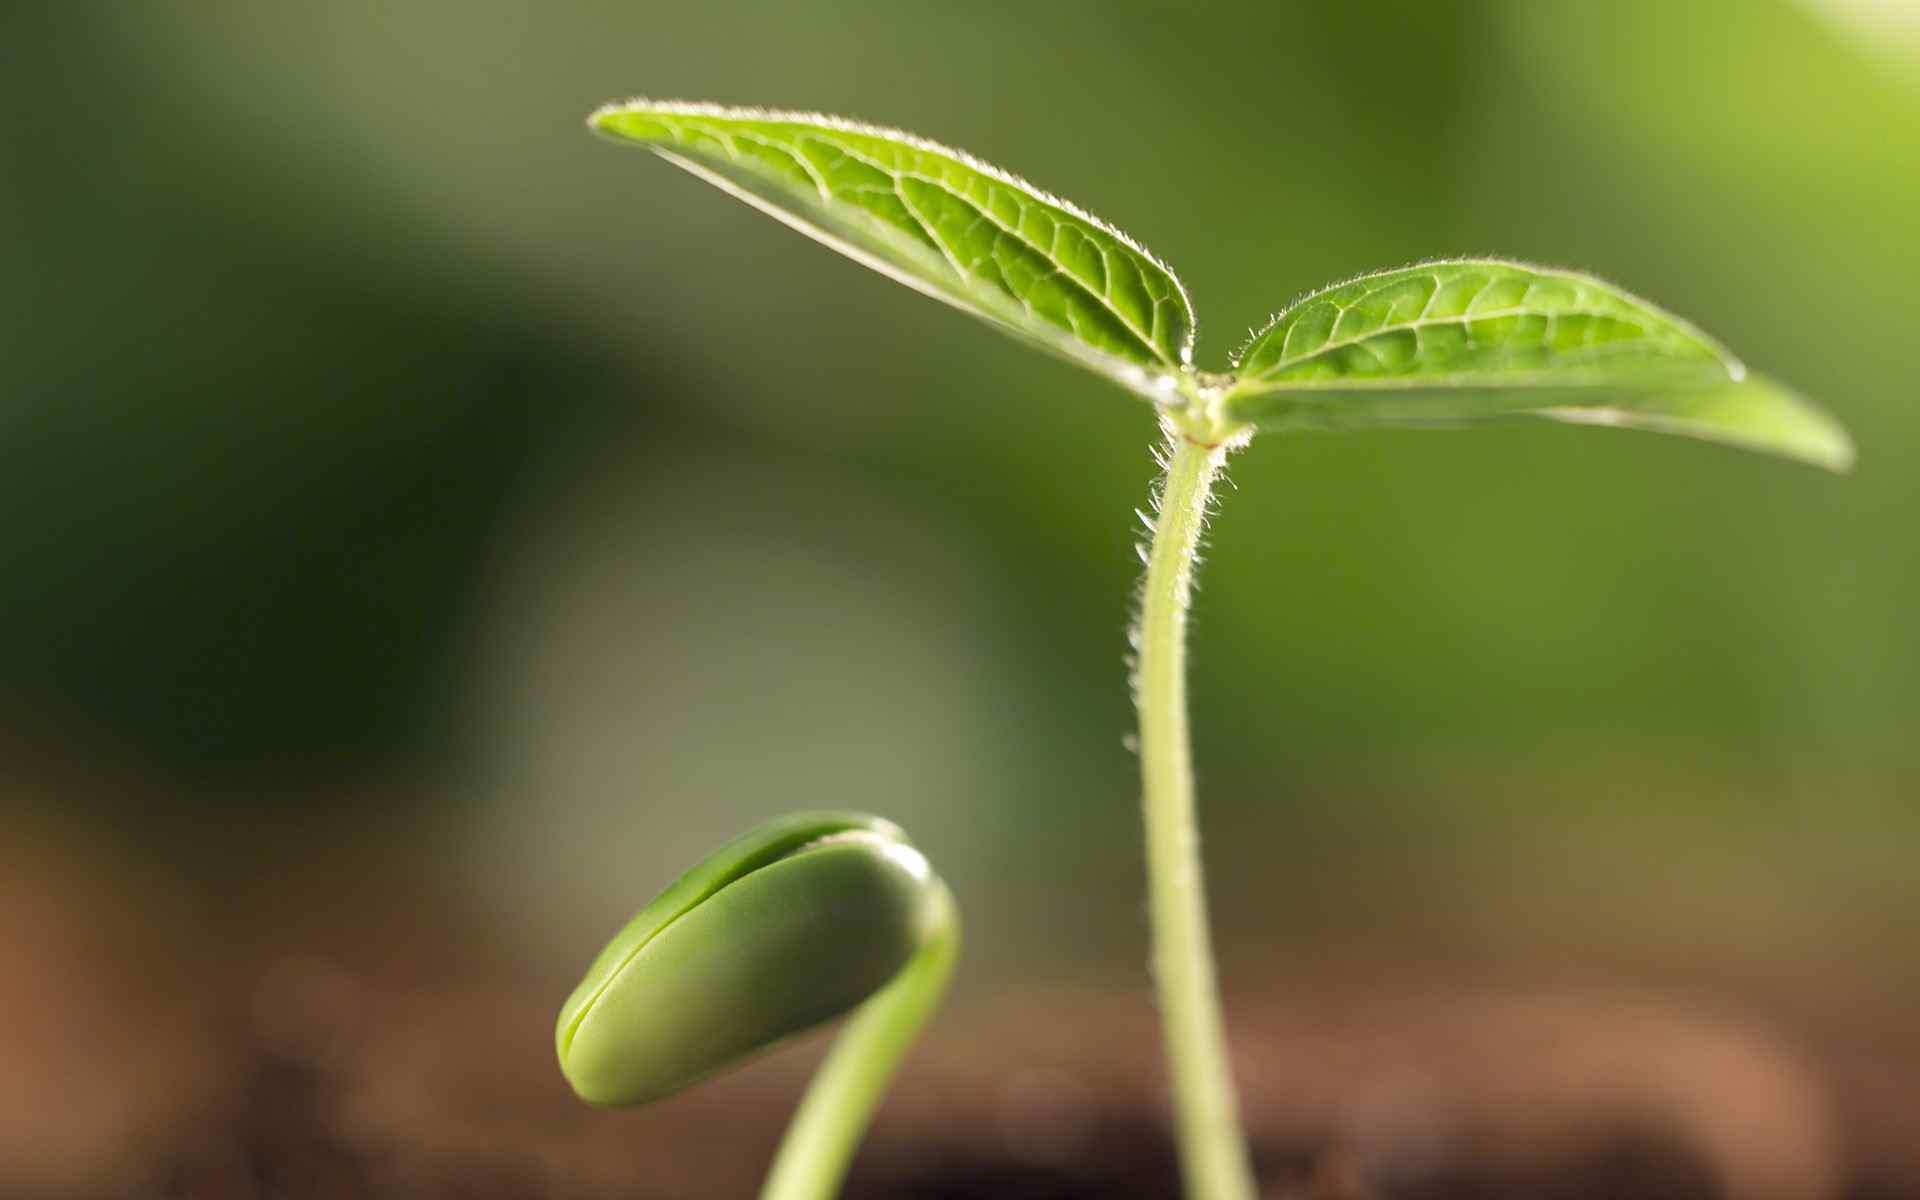 绿色护眼清新植物高清壁纸图片